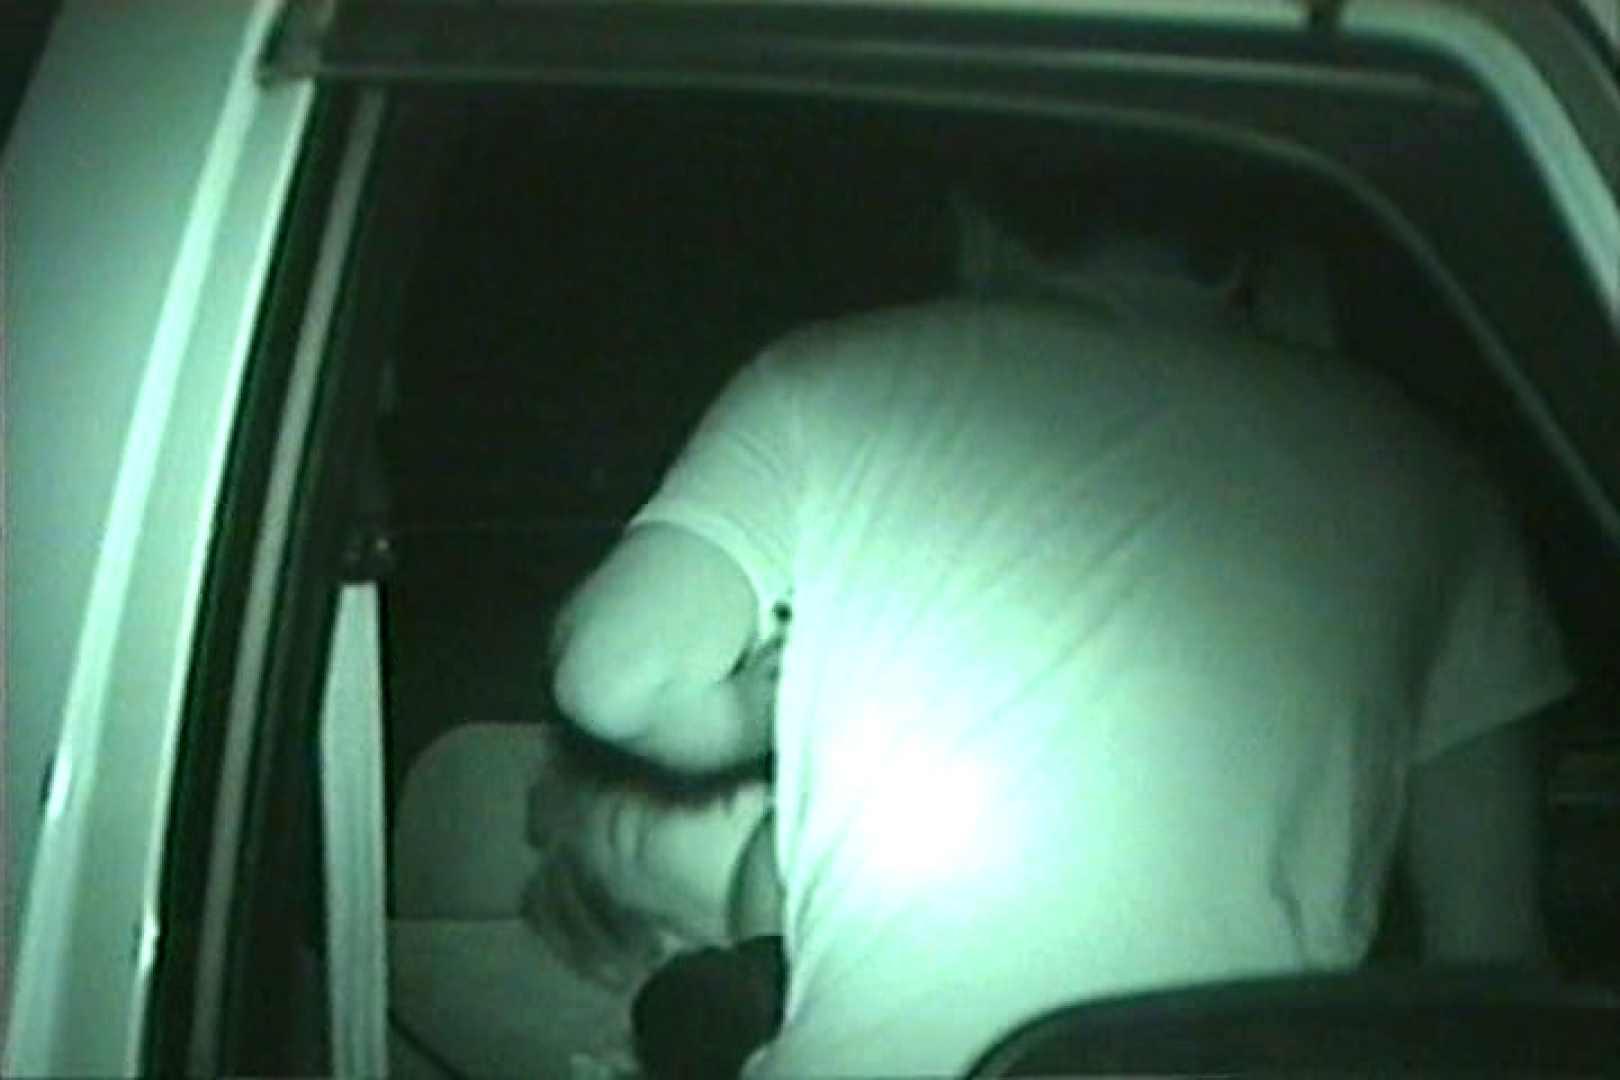 車の中はラブホテル 無修正版  Vol.24 ラブホテル 盗撮オメコ無修正動画無料 56pic 20